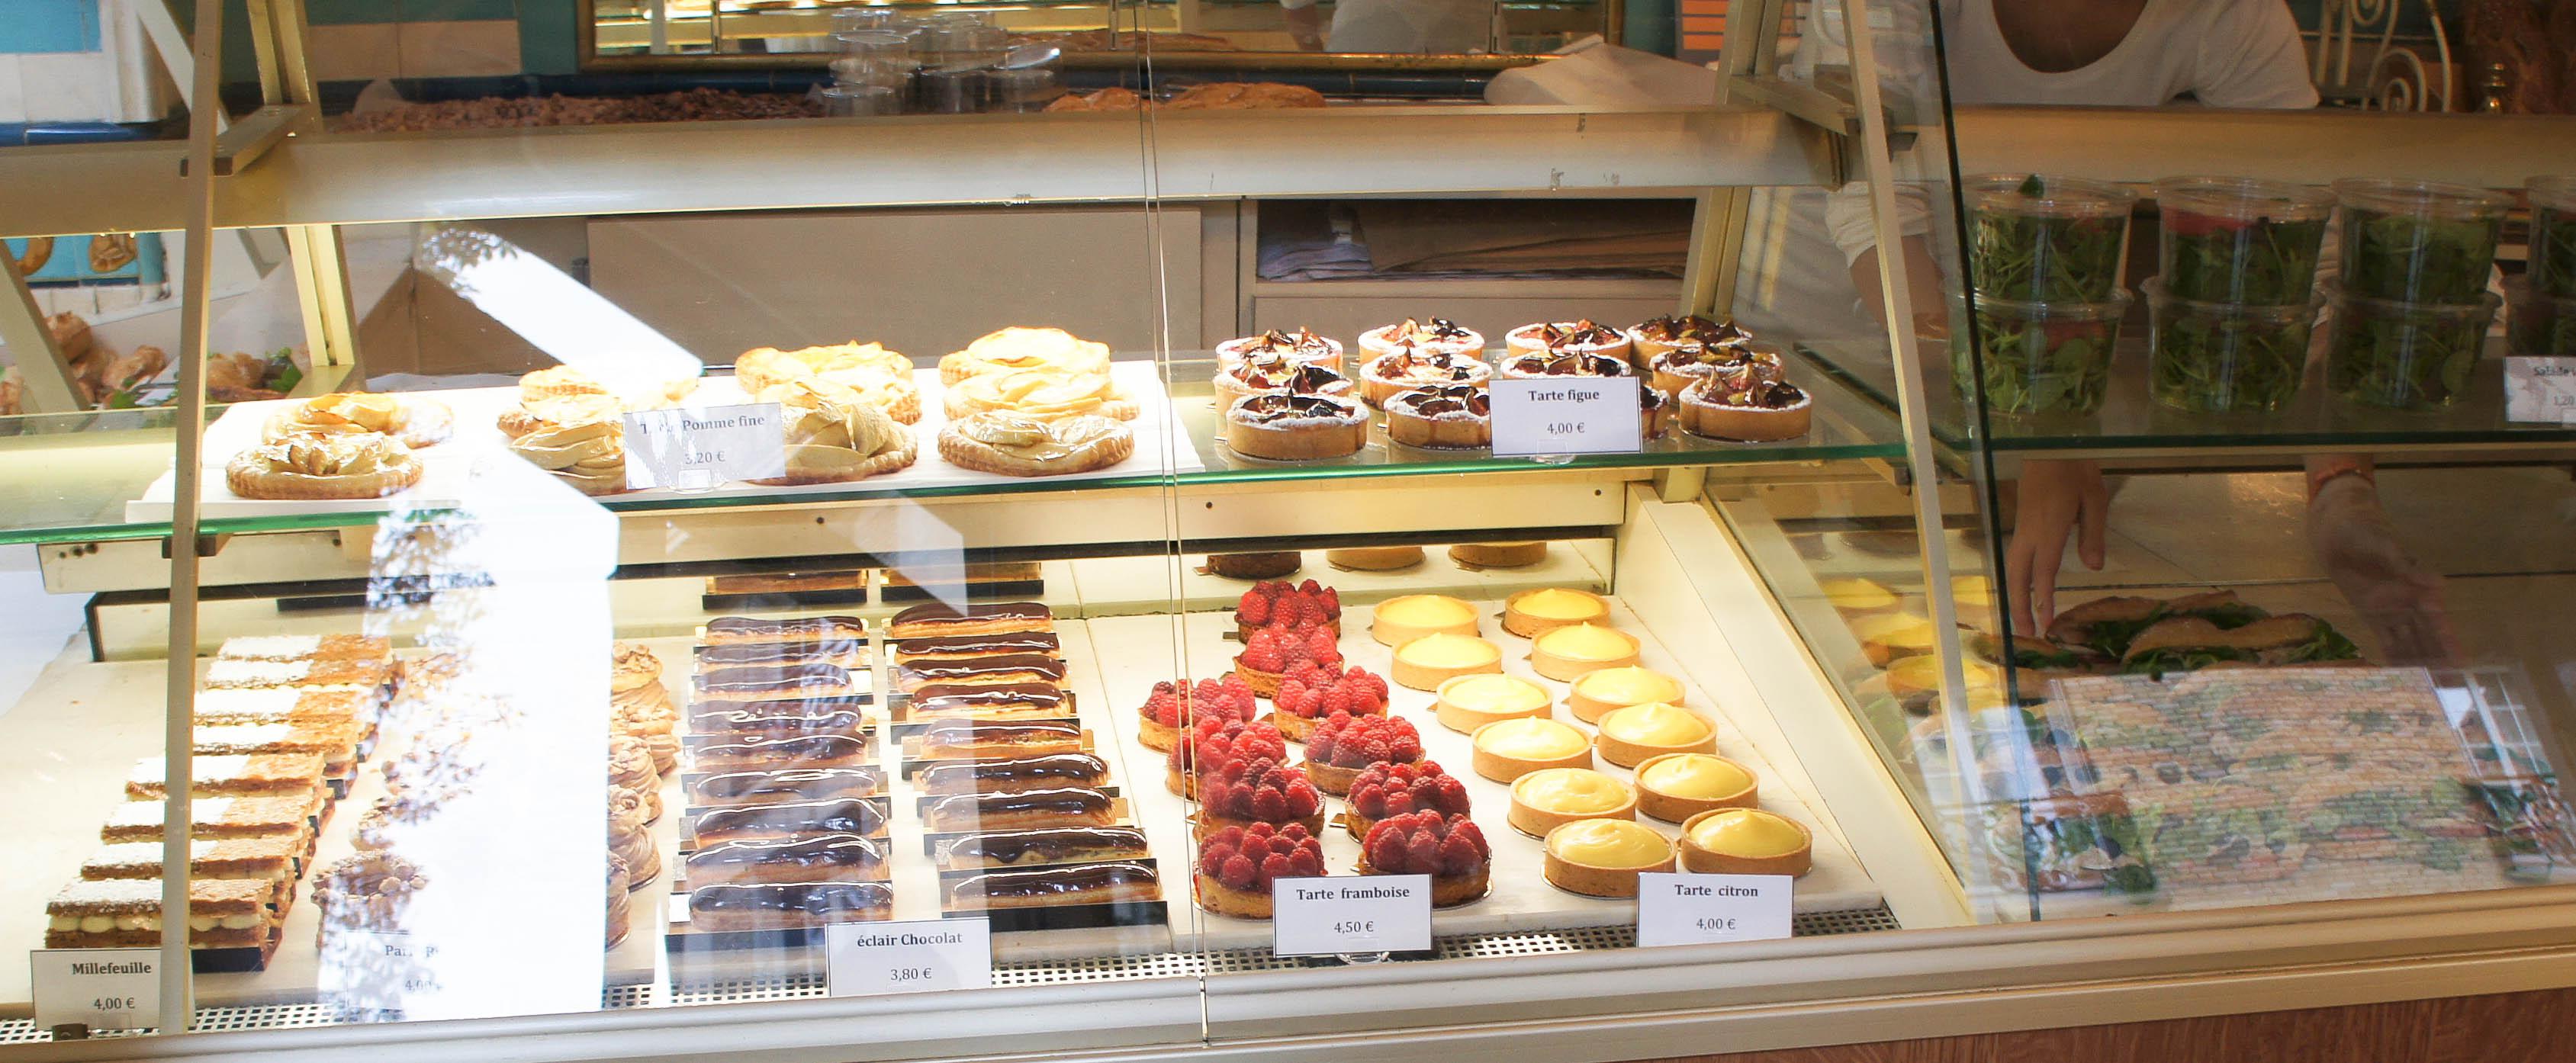 Boulangeries painrisien page 6 - Moulin a cafe boulanger ...